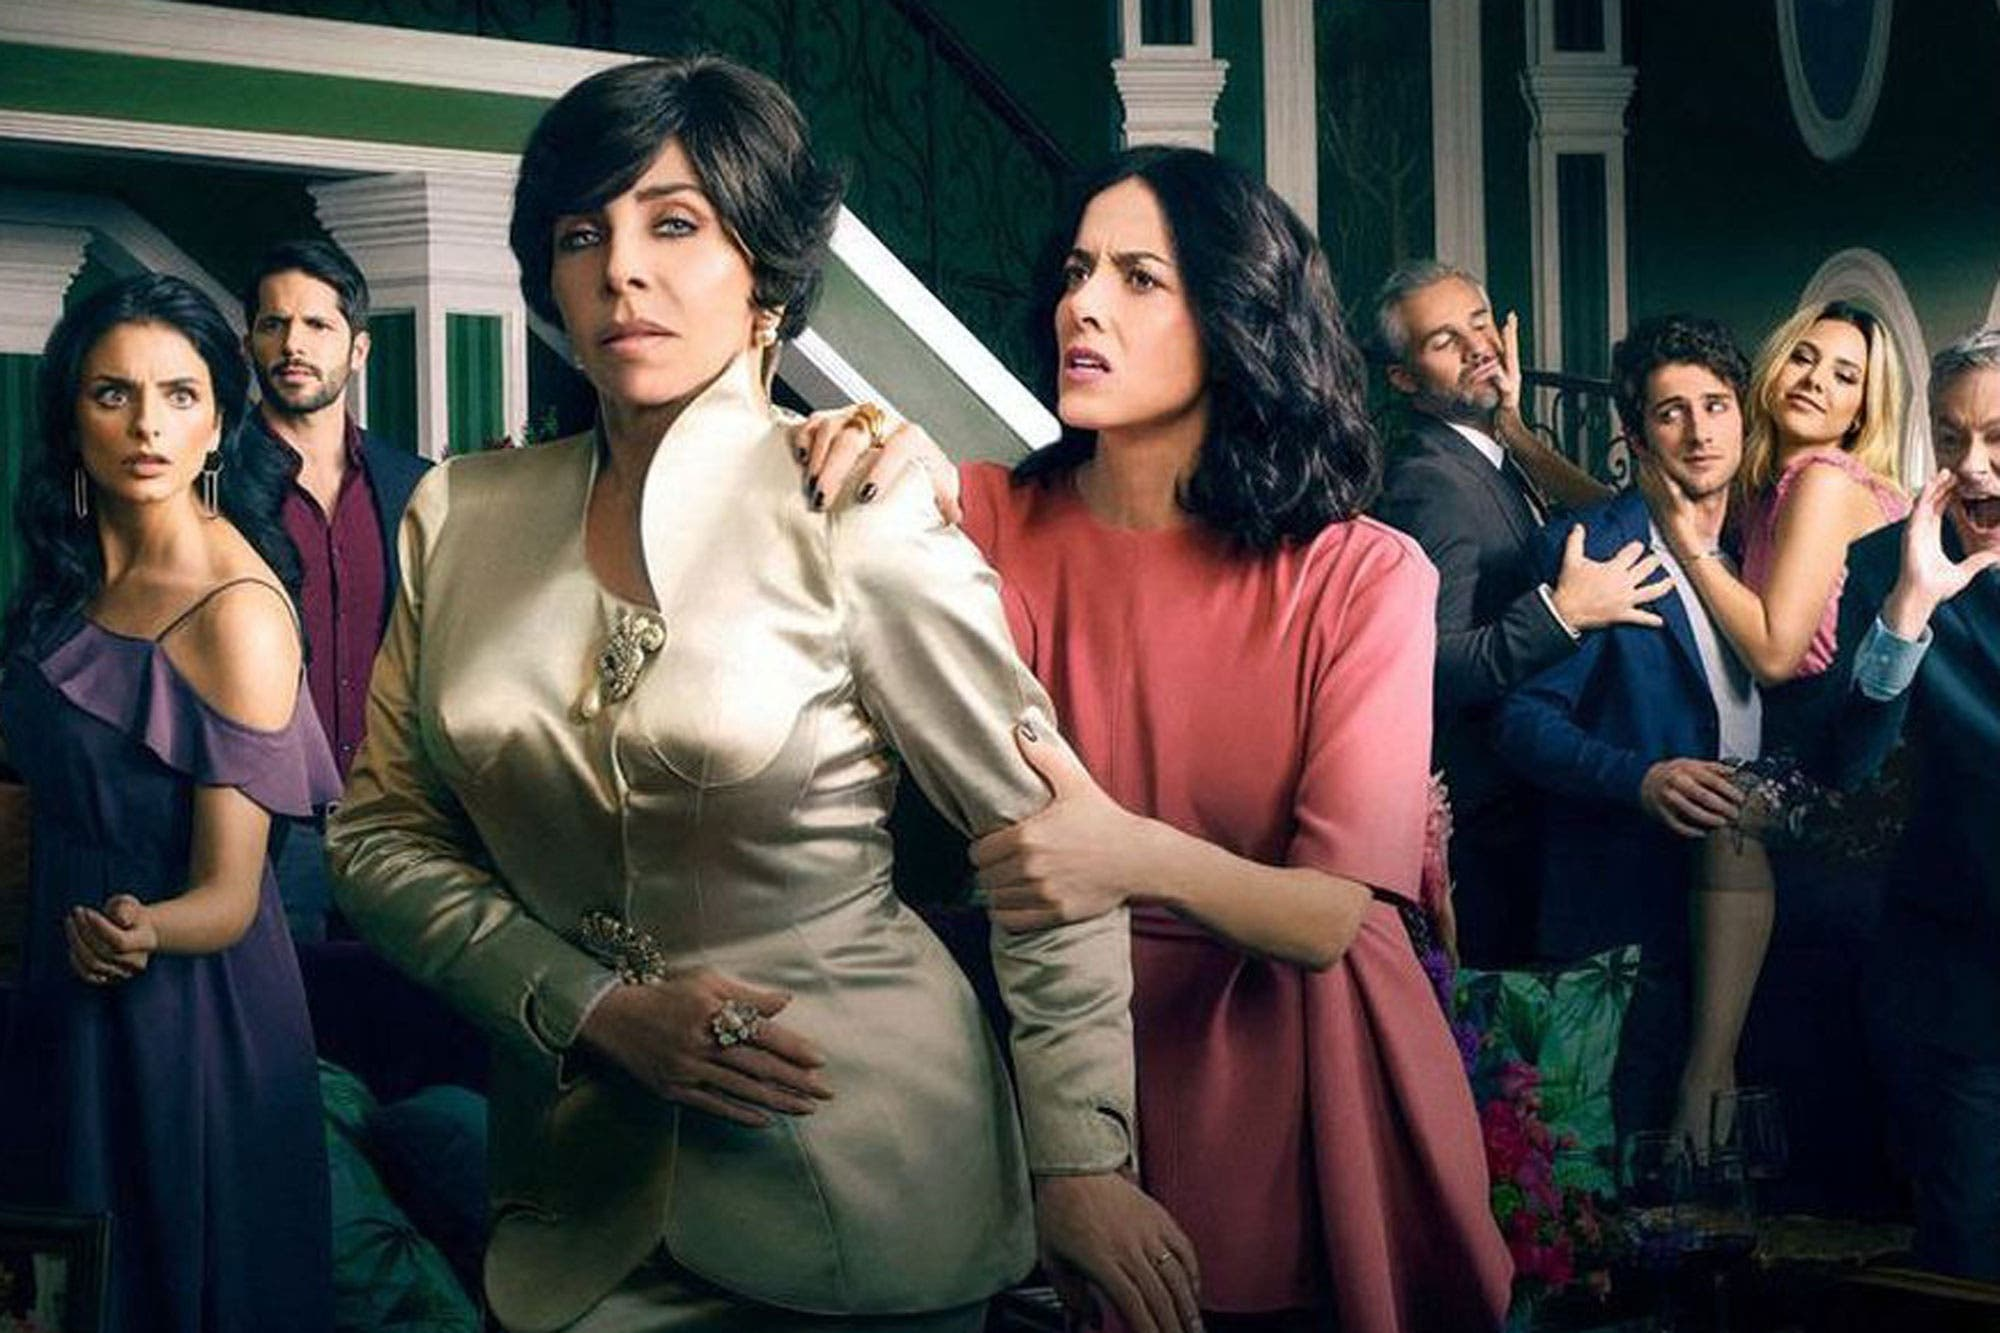 La Casa de las Flores: la muerte del personaje de Verónica Castro y el curioso audio de Paulina